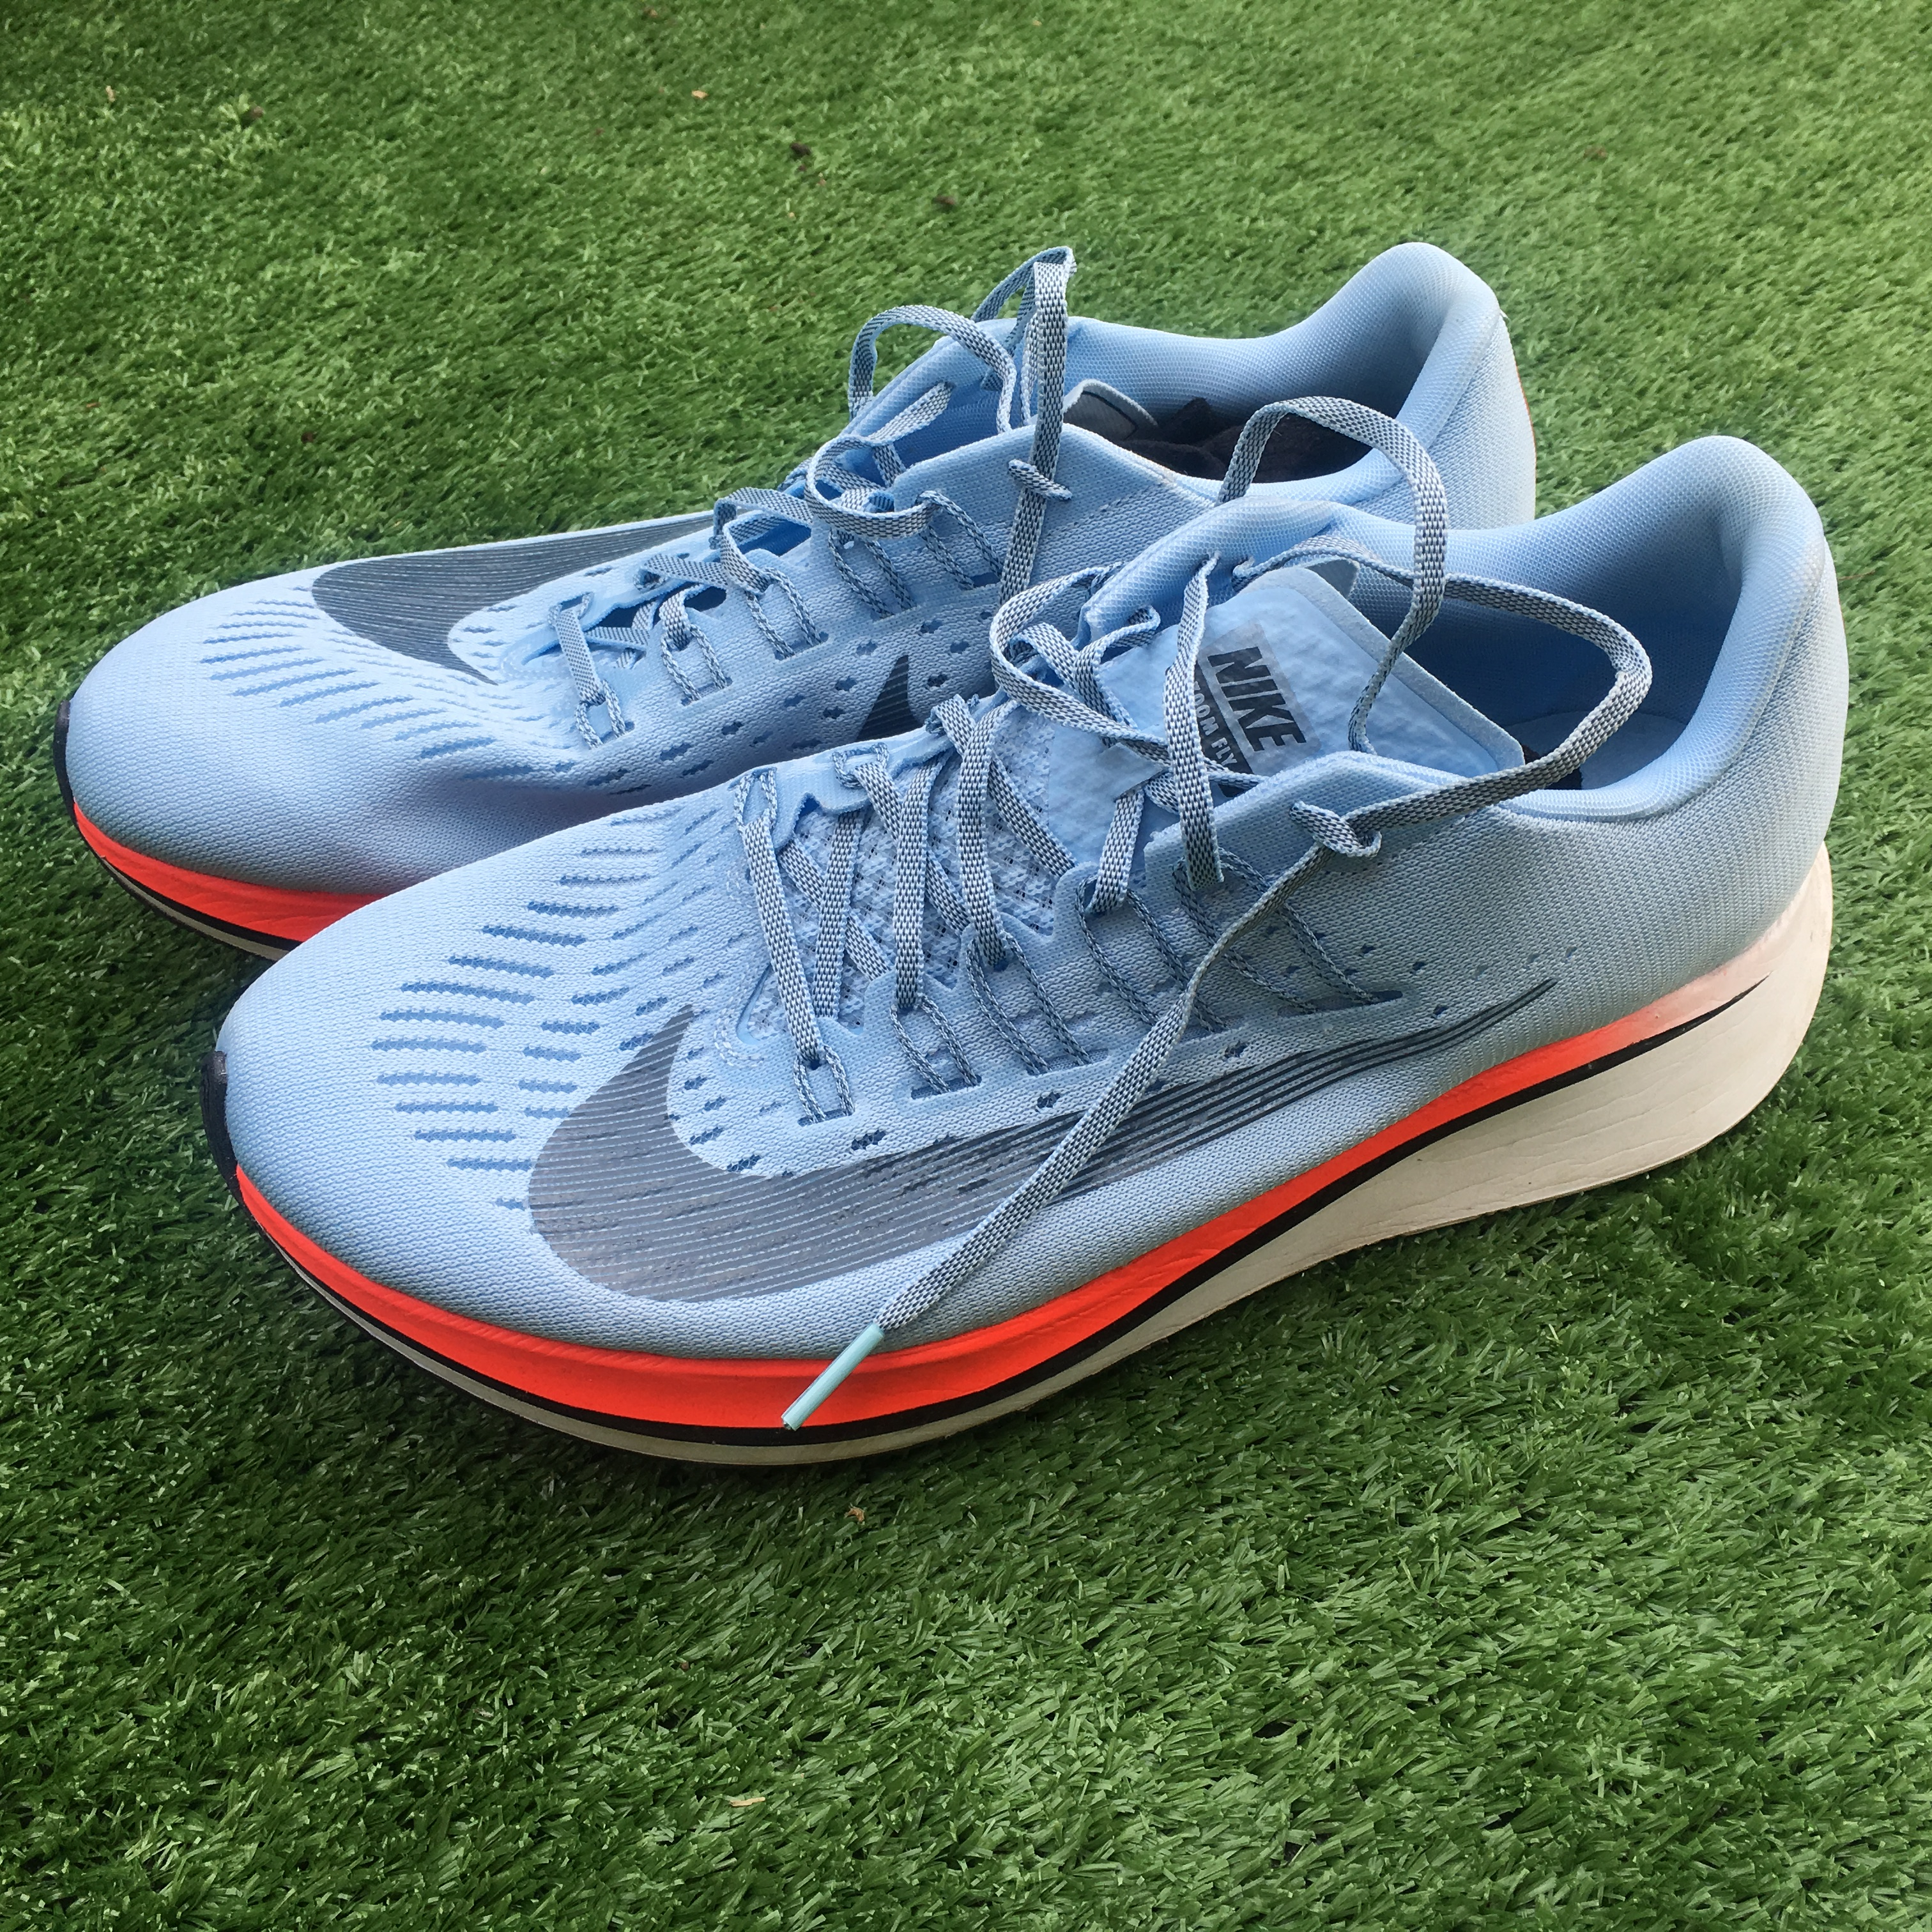 b9cbad2994533 Its my homecoming shoes sejak saya jatuh cinta pada lari dan saat itu saya  menggunakan Nike Lunarglide 6. Lets race more